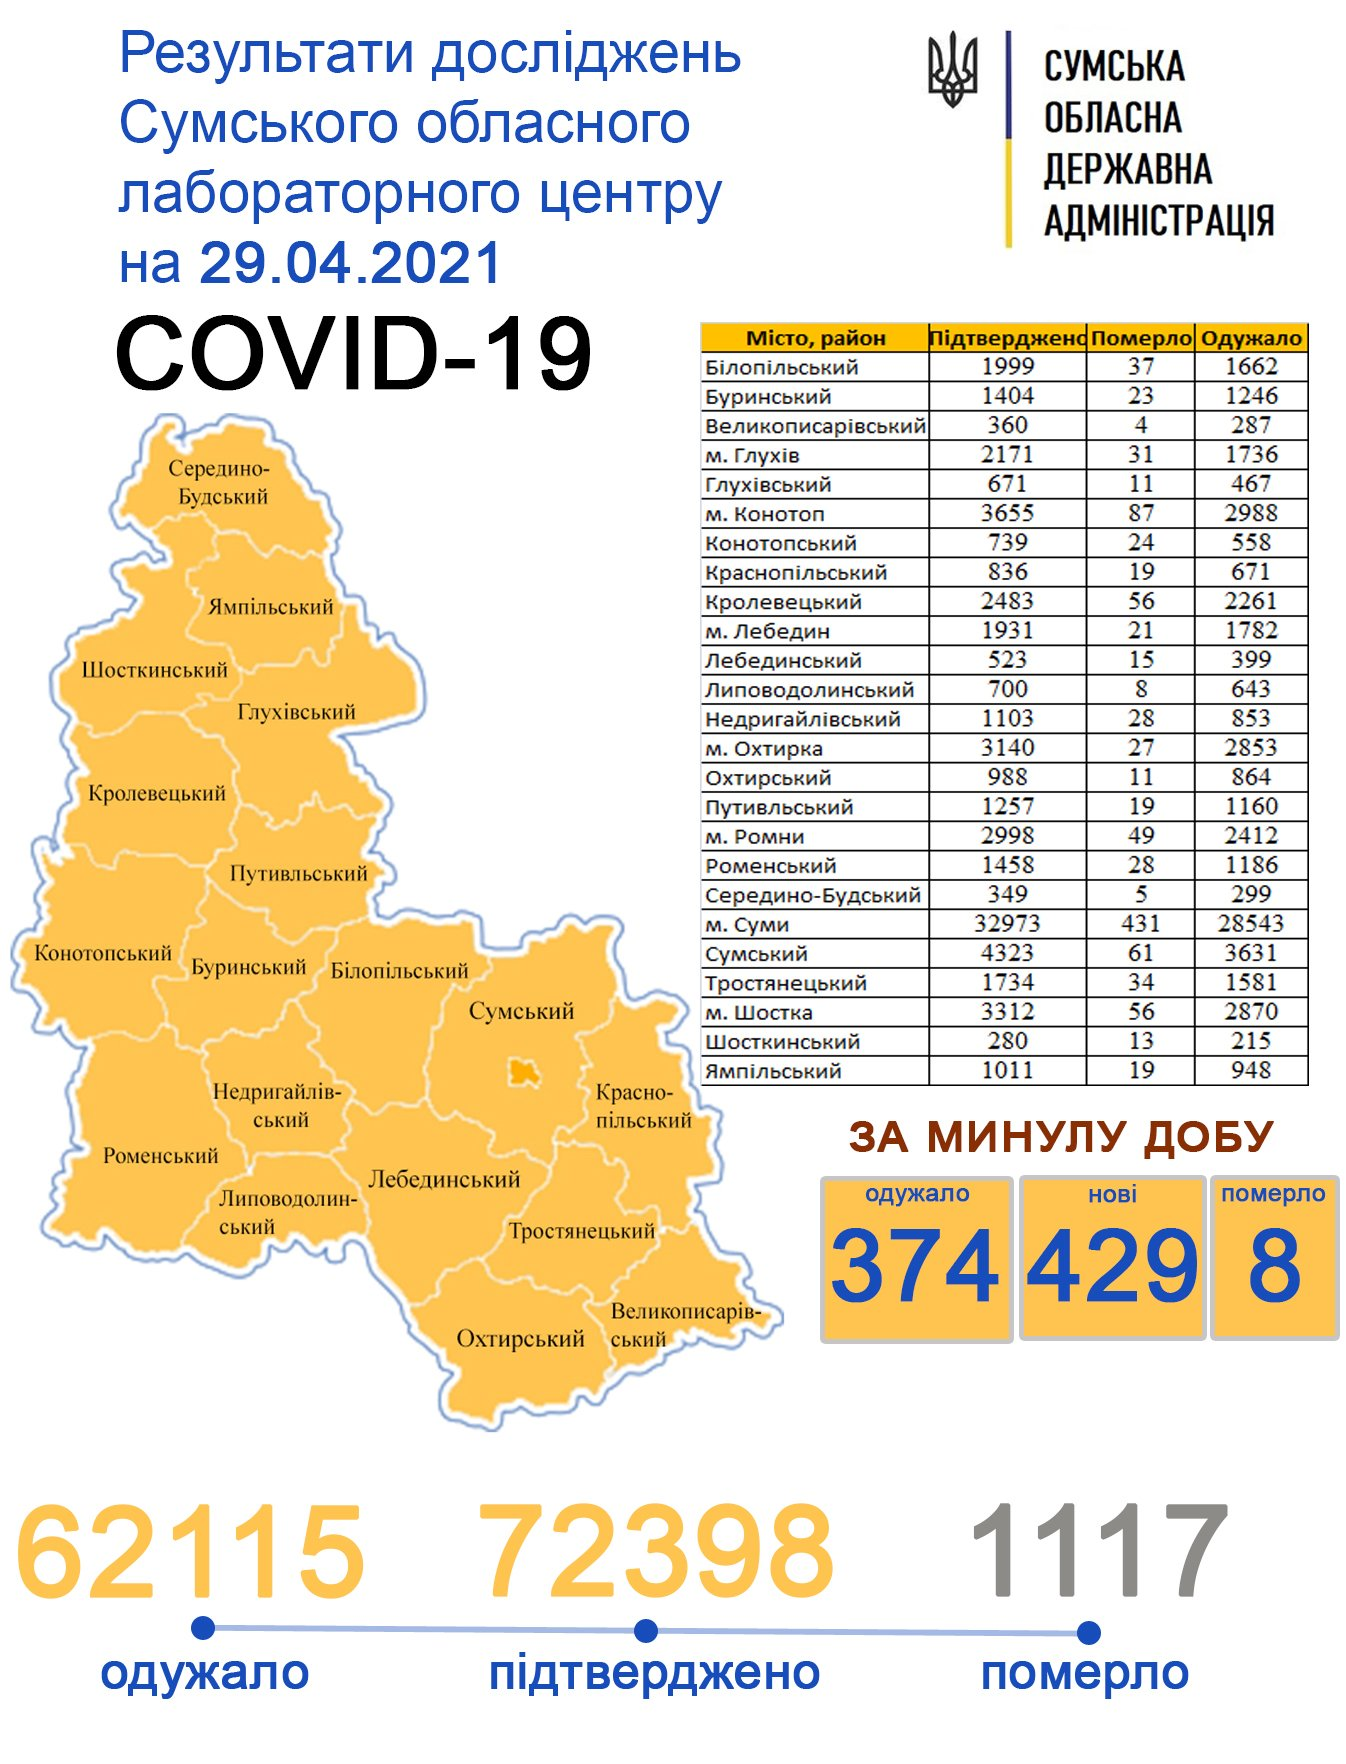 Covid-19 з добу уніс життя 8 жителів Сумщини, фото-1